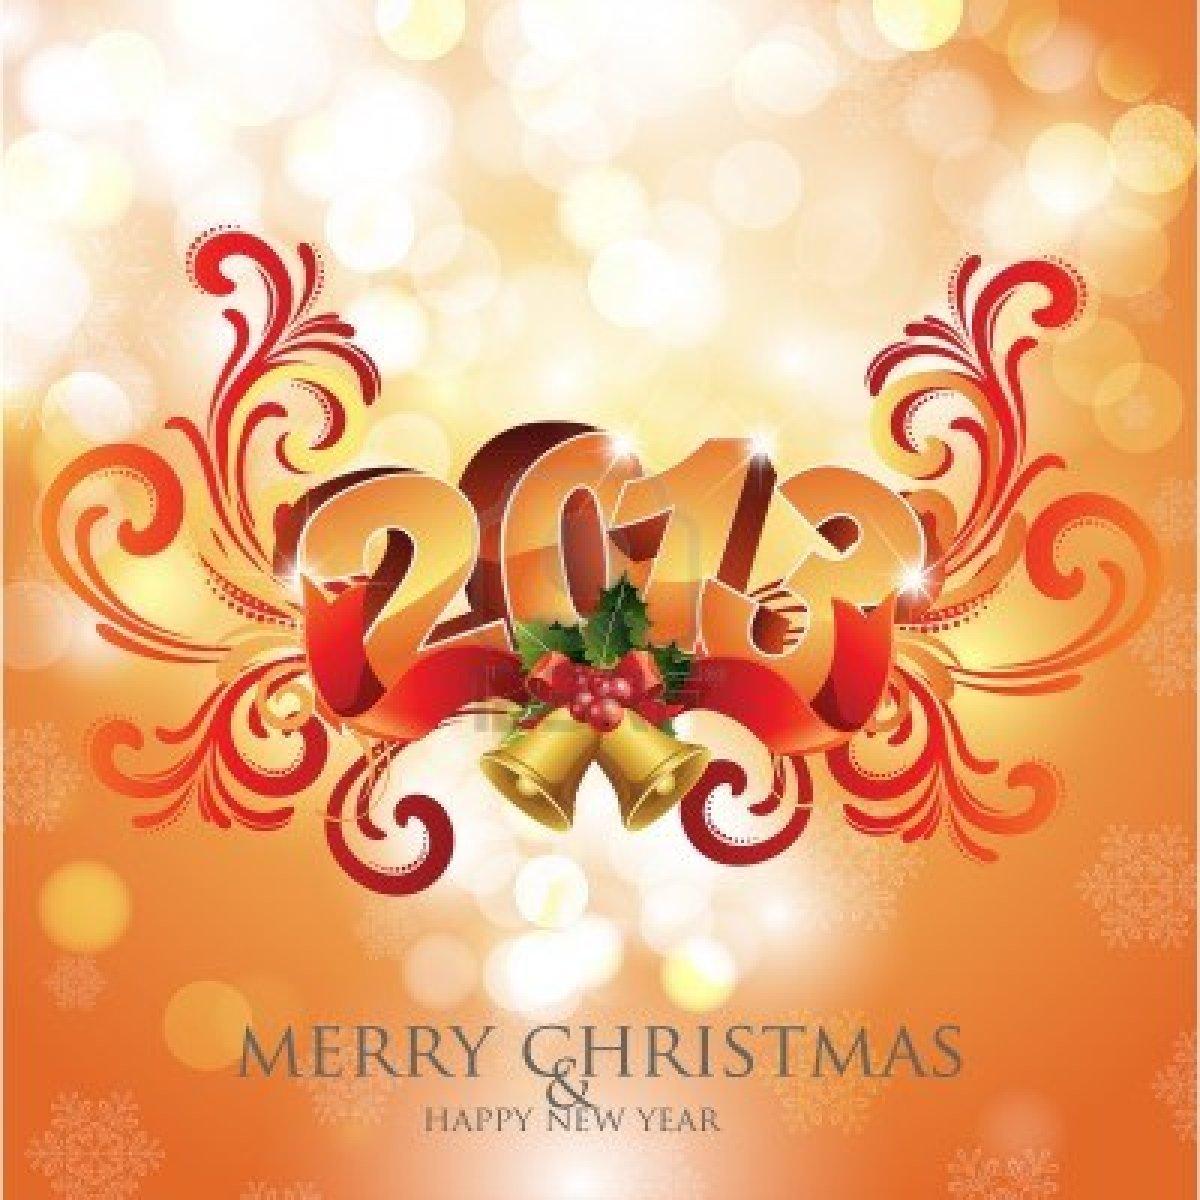 http://1.bp.blogspot.com/-Oo7ZCqSrIb4/UM1LJkbvOaI/AAAAAAAAArE/Ih0cywYrU_s/s1600/12493077-merry-christmas--happy-new-year-2013.jpg